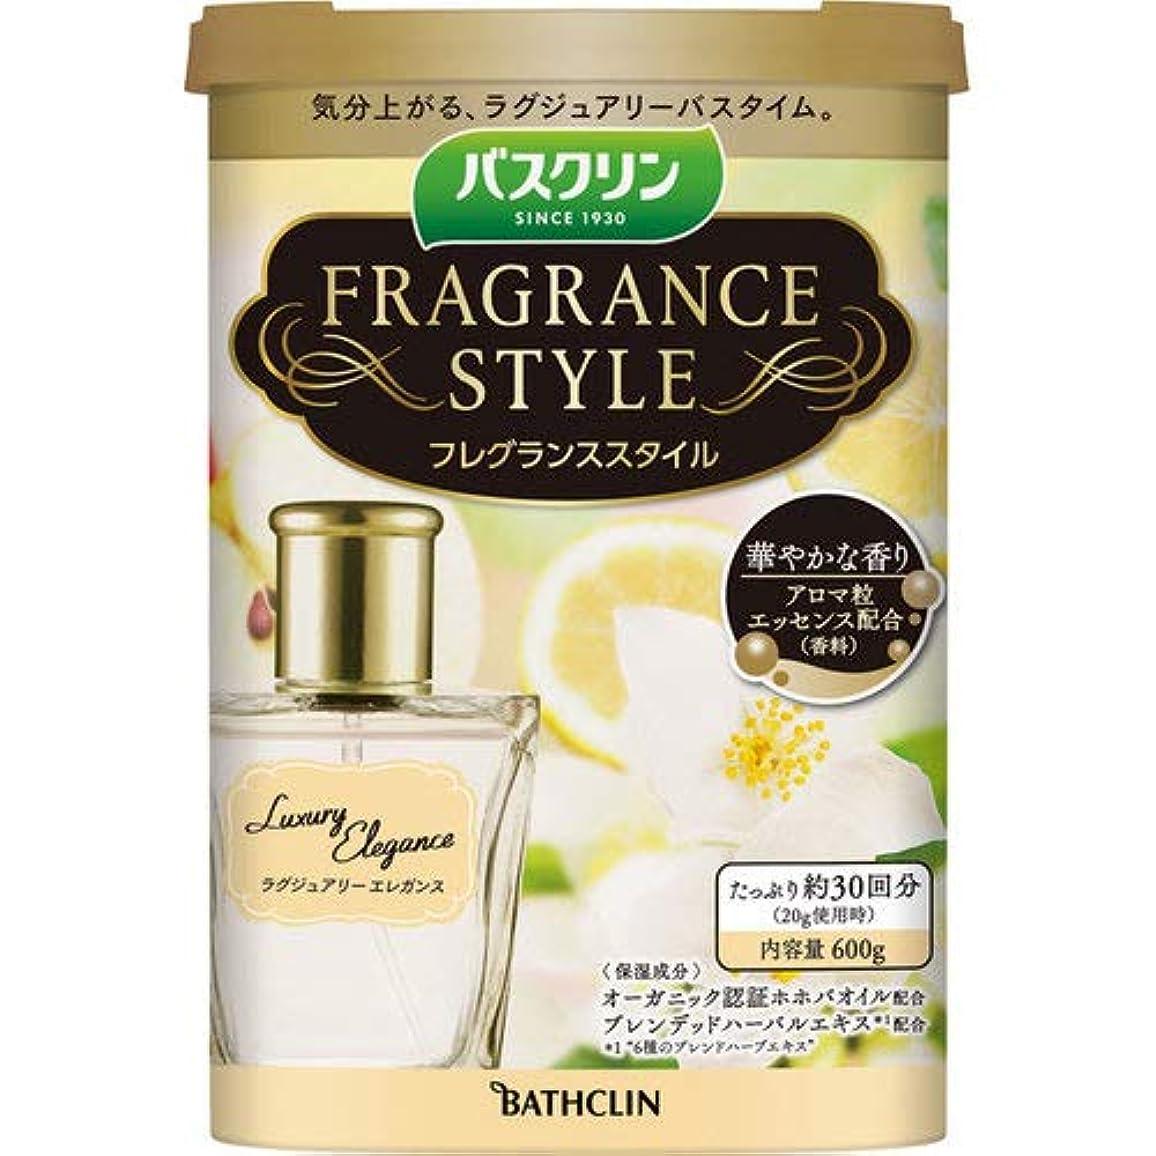 第変更可能グローブバスクリンフレグランススタイルラグジュアリー エレガンス 入浴剤 フローラルムスク調の香りの入浴剤 600g